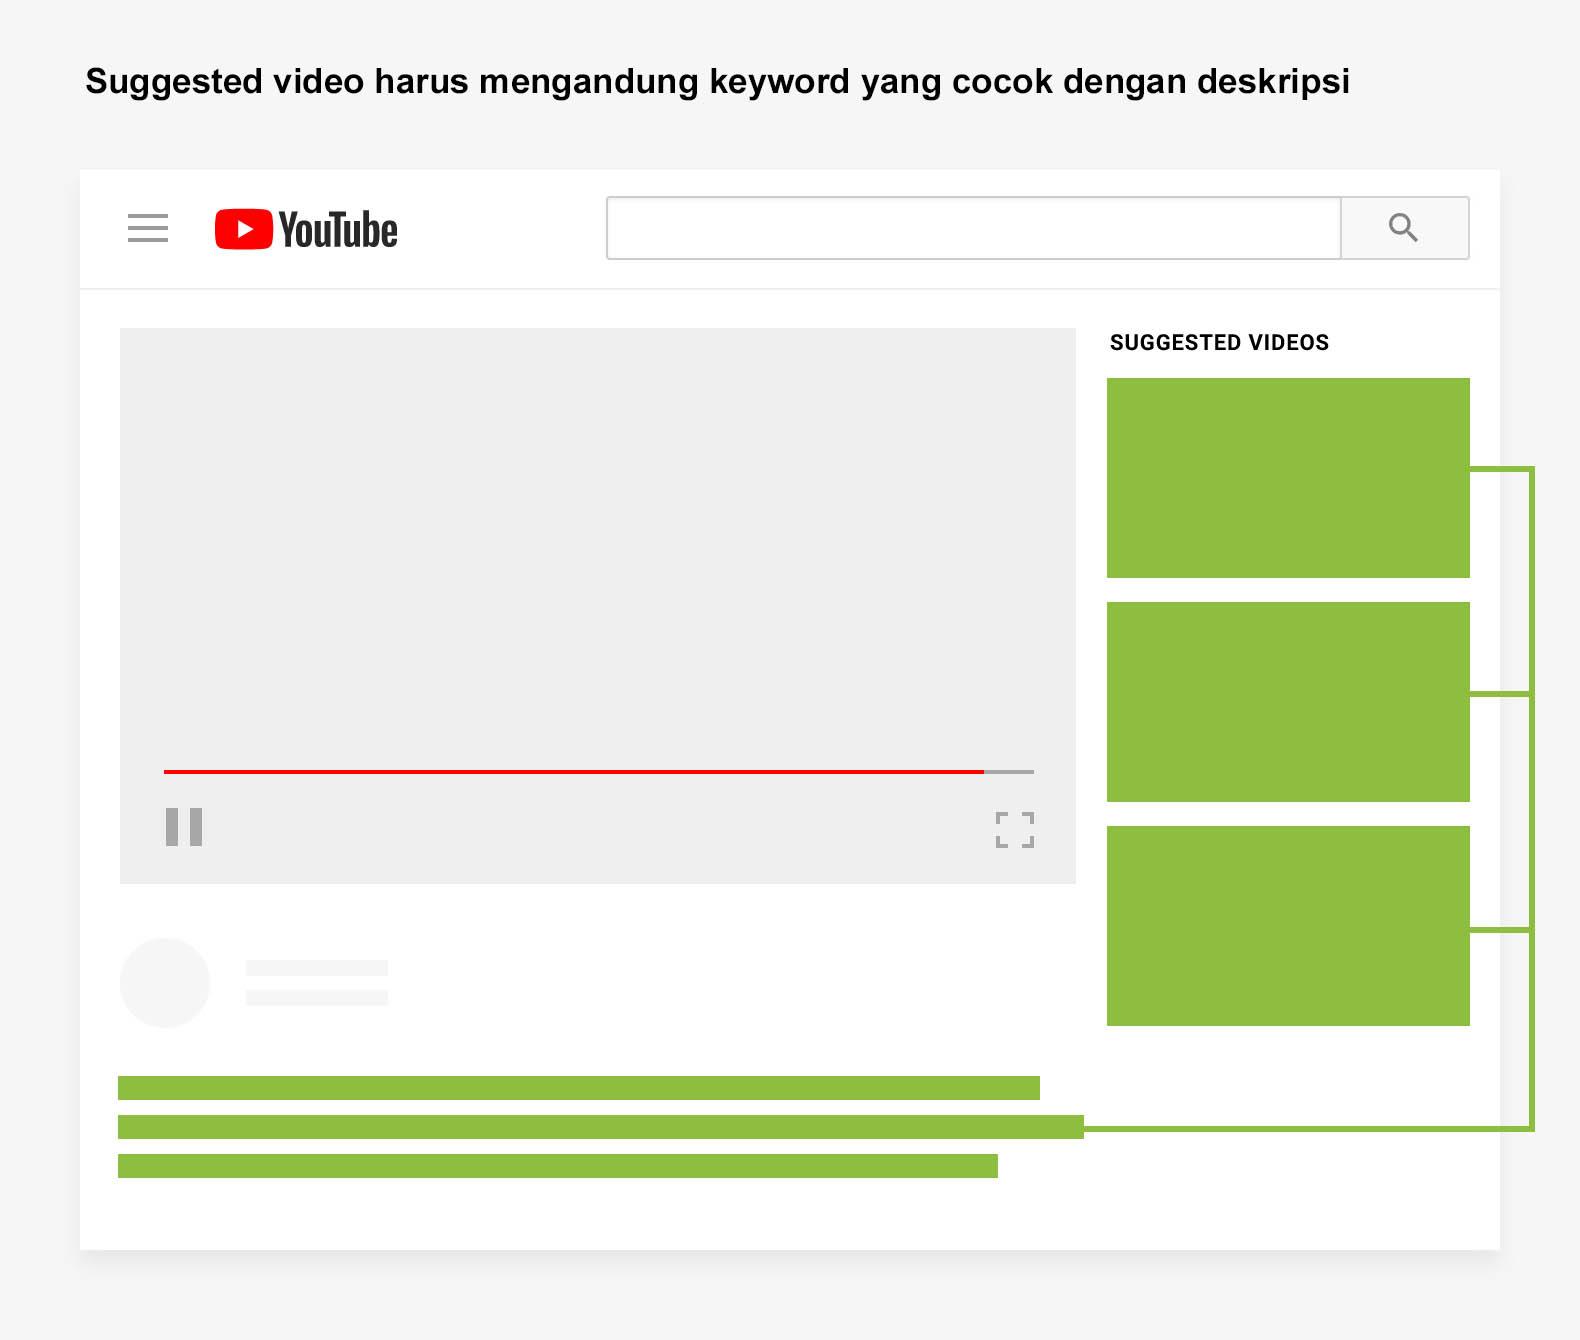 suggested video harus mengandung keyword dengan deskripsi video